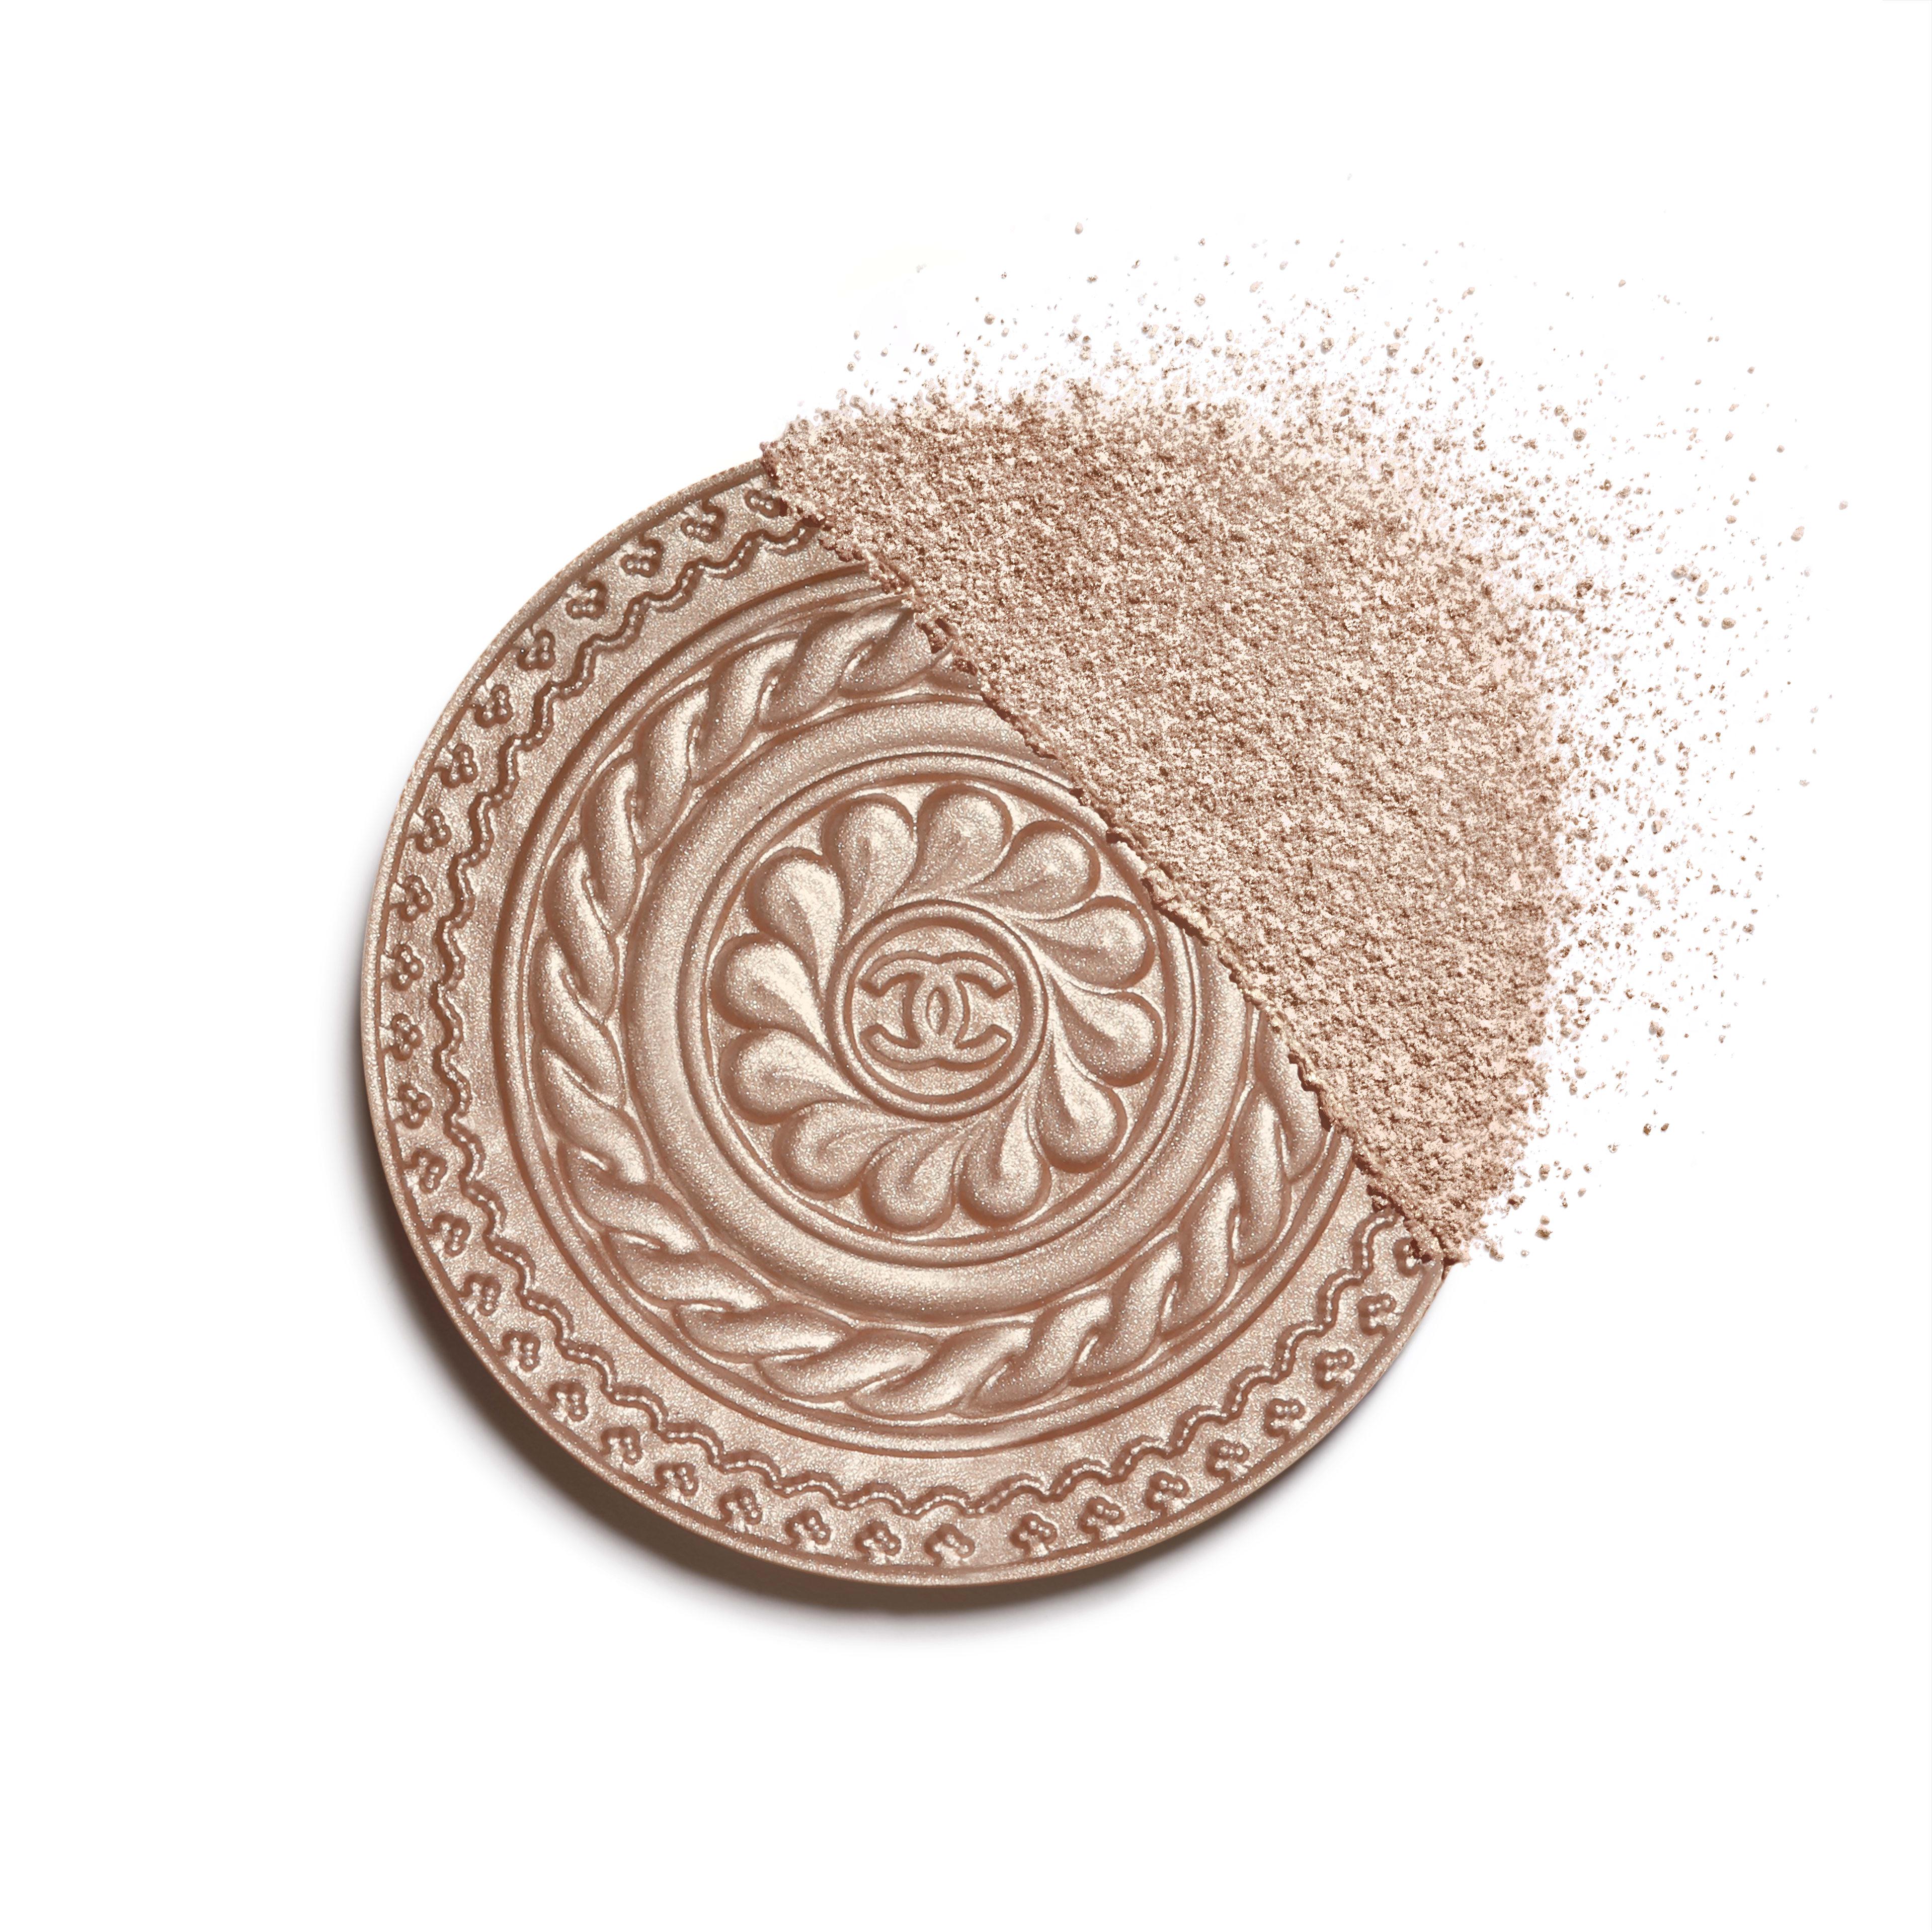 ÉCLAT MAGNÉTIQUE DE CHANEL - makeup -  - Basic texture view